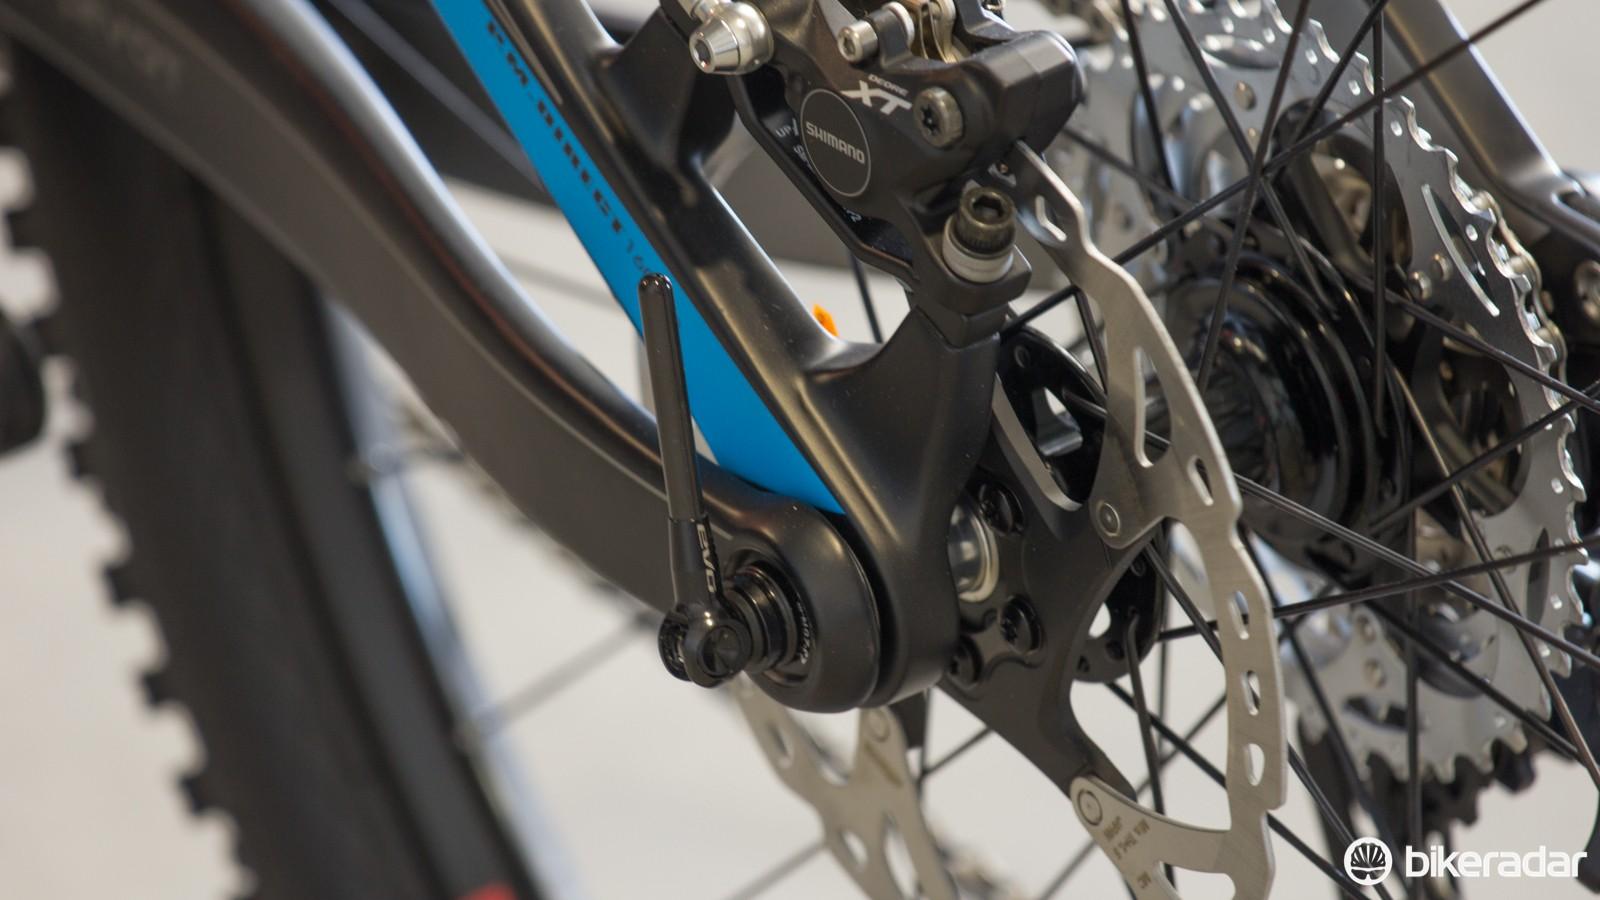 A 142 x 12mm rear thru-axle sits between the Split Pivot dropout